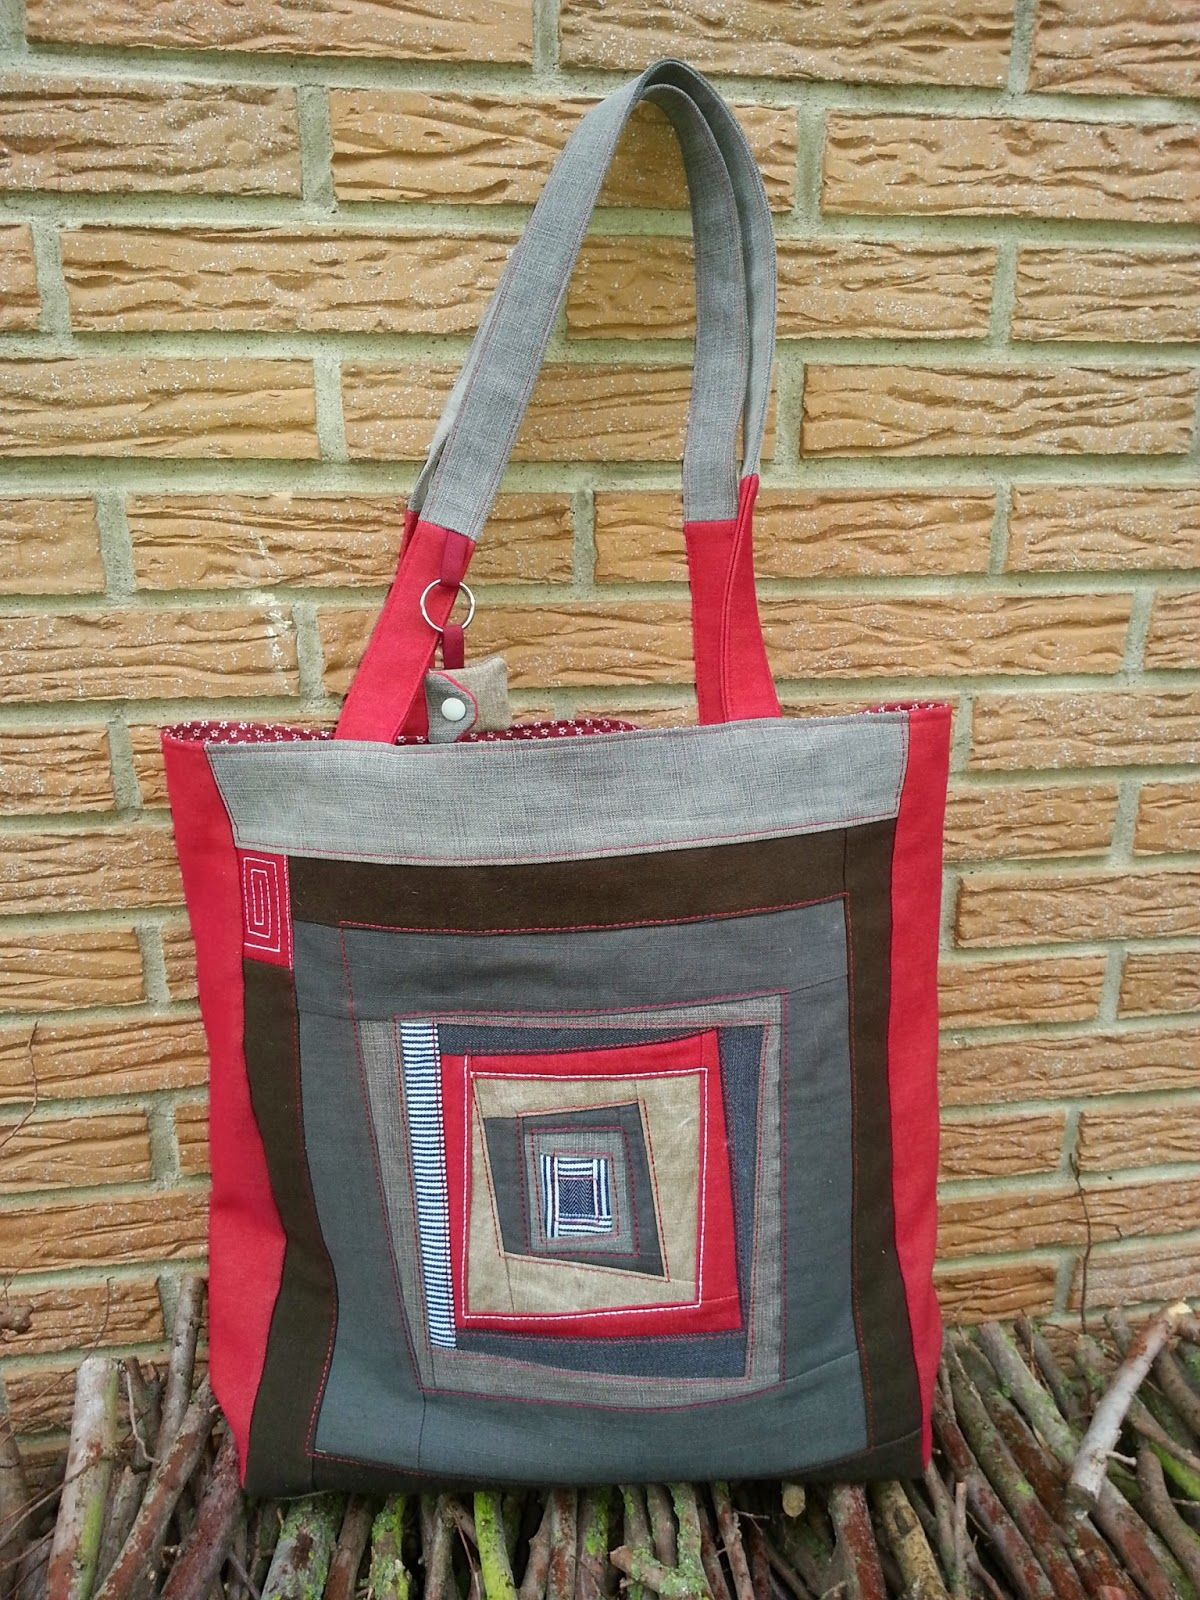 ogginelle ideen aus stoff patchwork einkaufstasche taschen pinterest. Black Bedroom Furniture Sets. Home Design Ideas